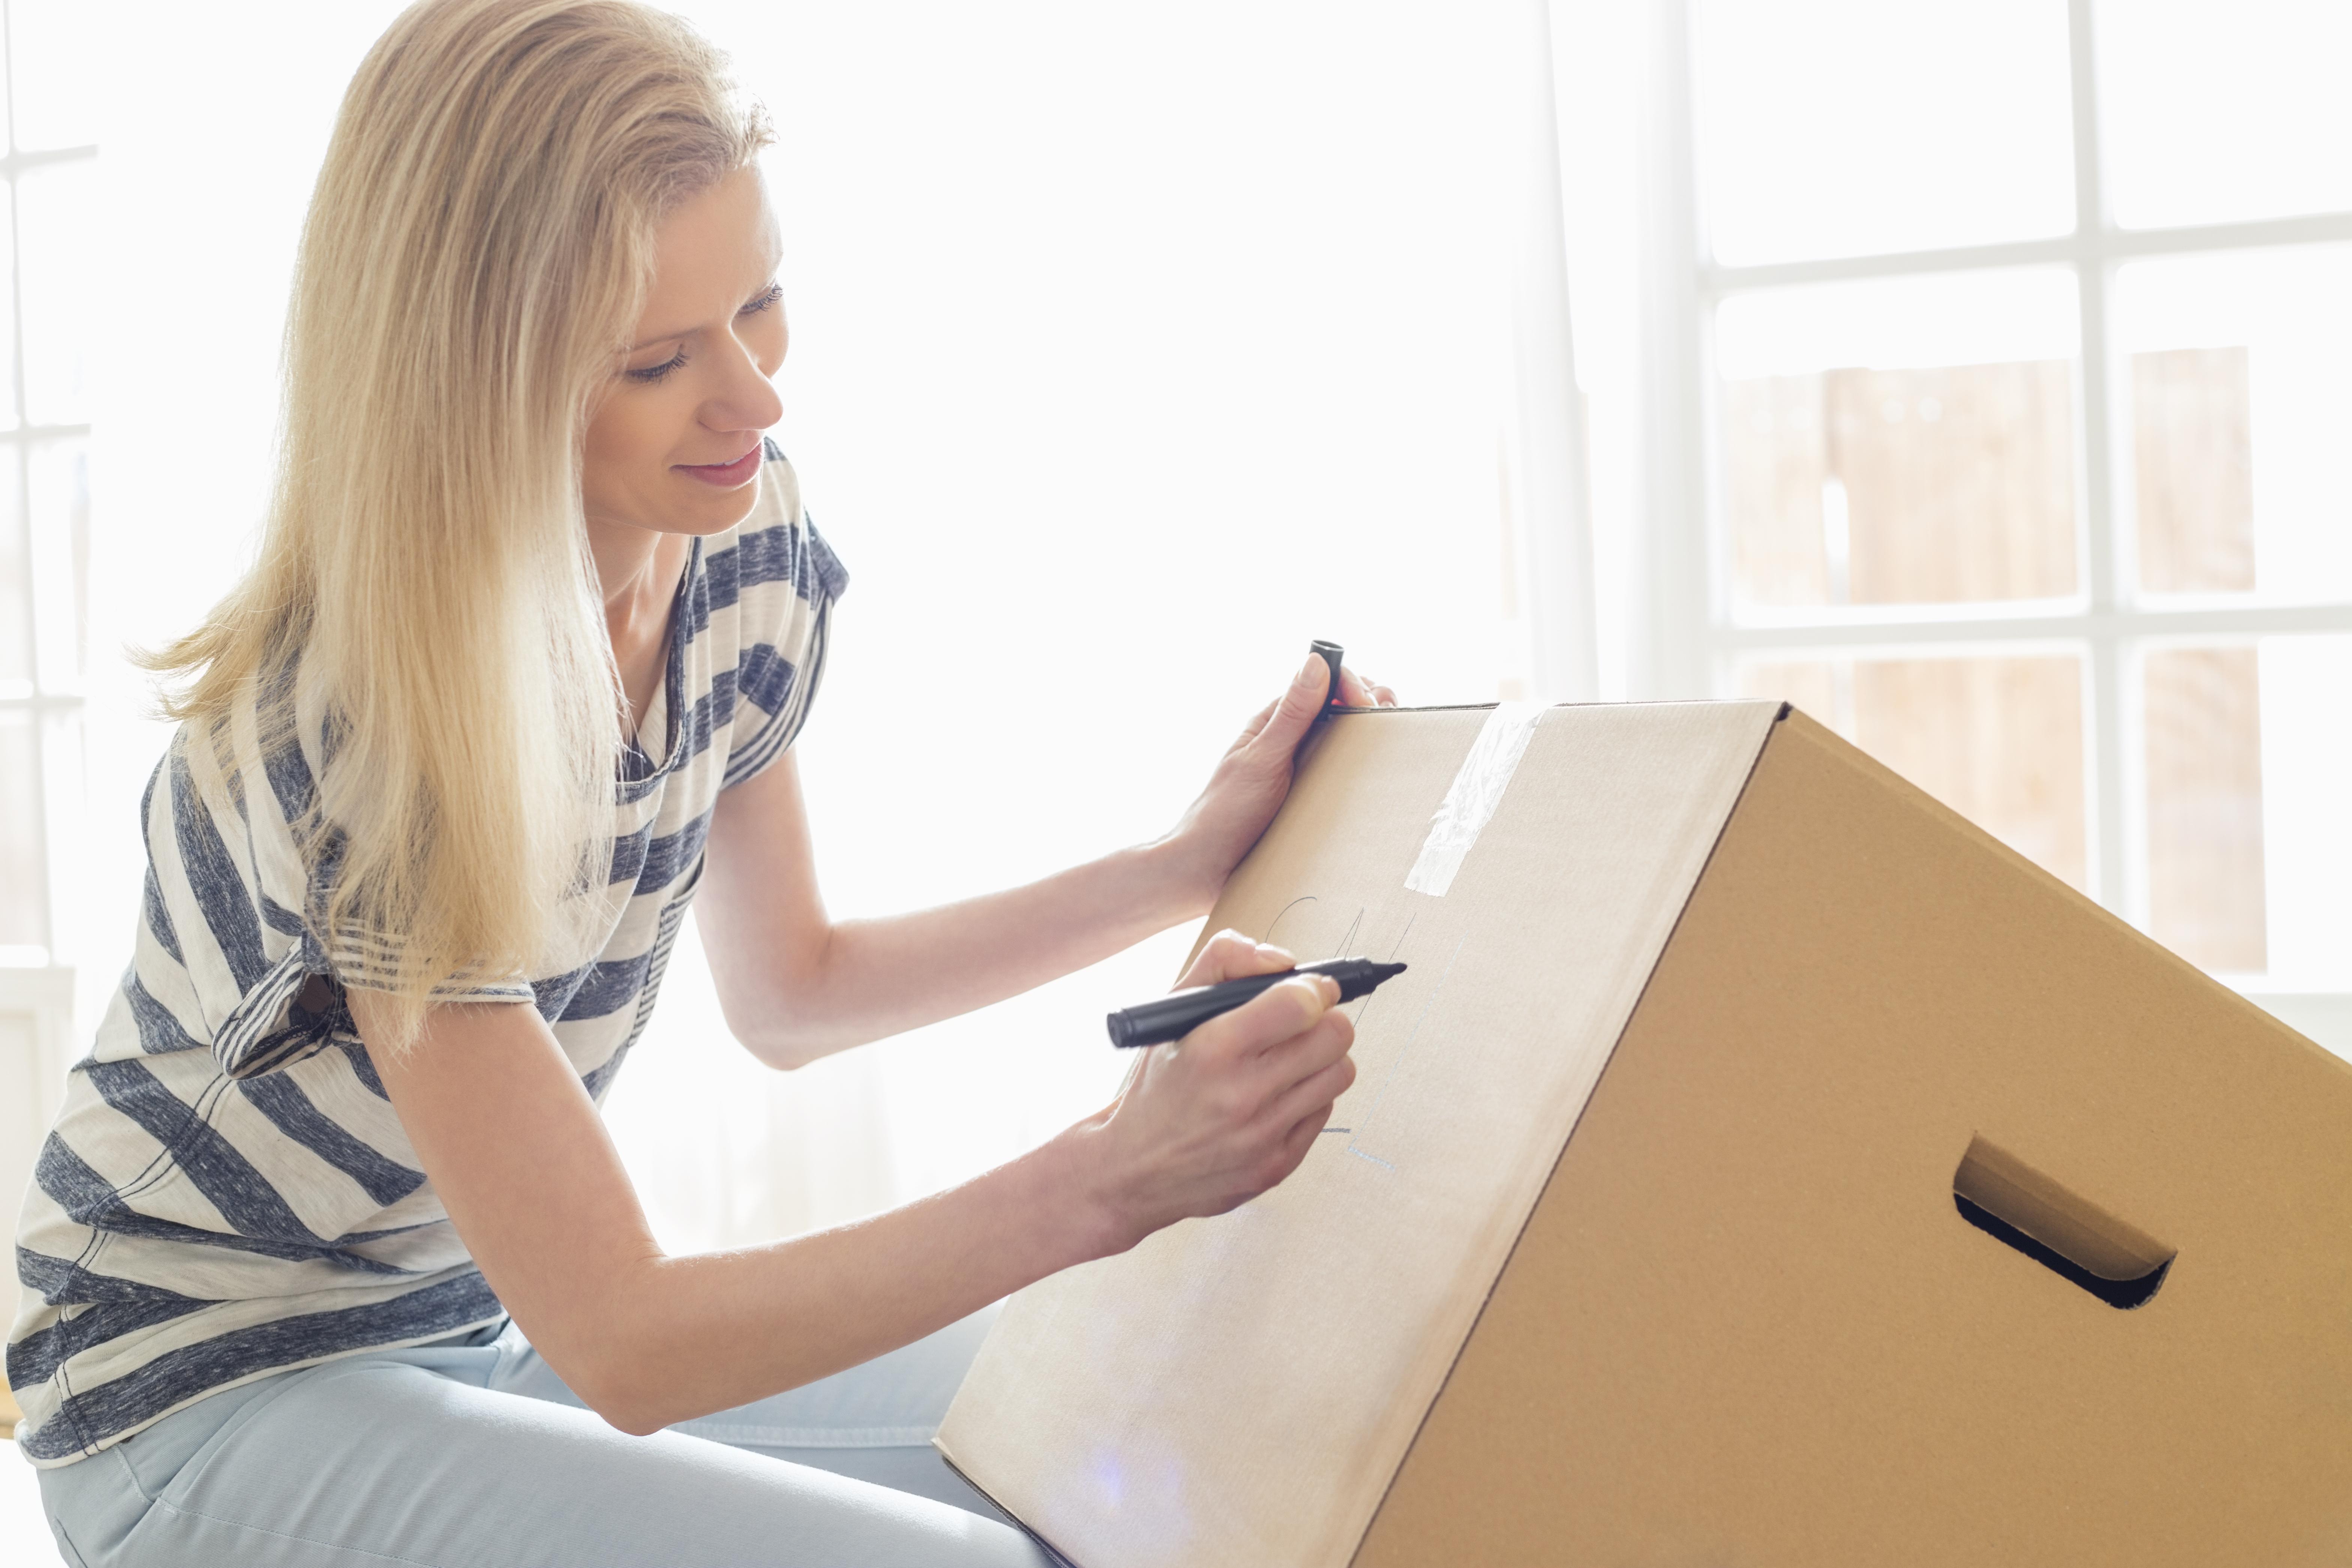 Een scheiding fiscaal gezien: moeilijker kunnen ze het niet maken - Scheidingsplanner Hilversum | Bilthoven | Soest | 't Gooi